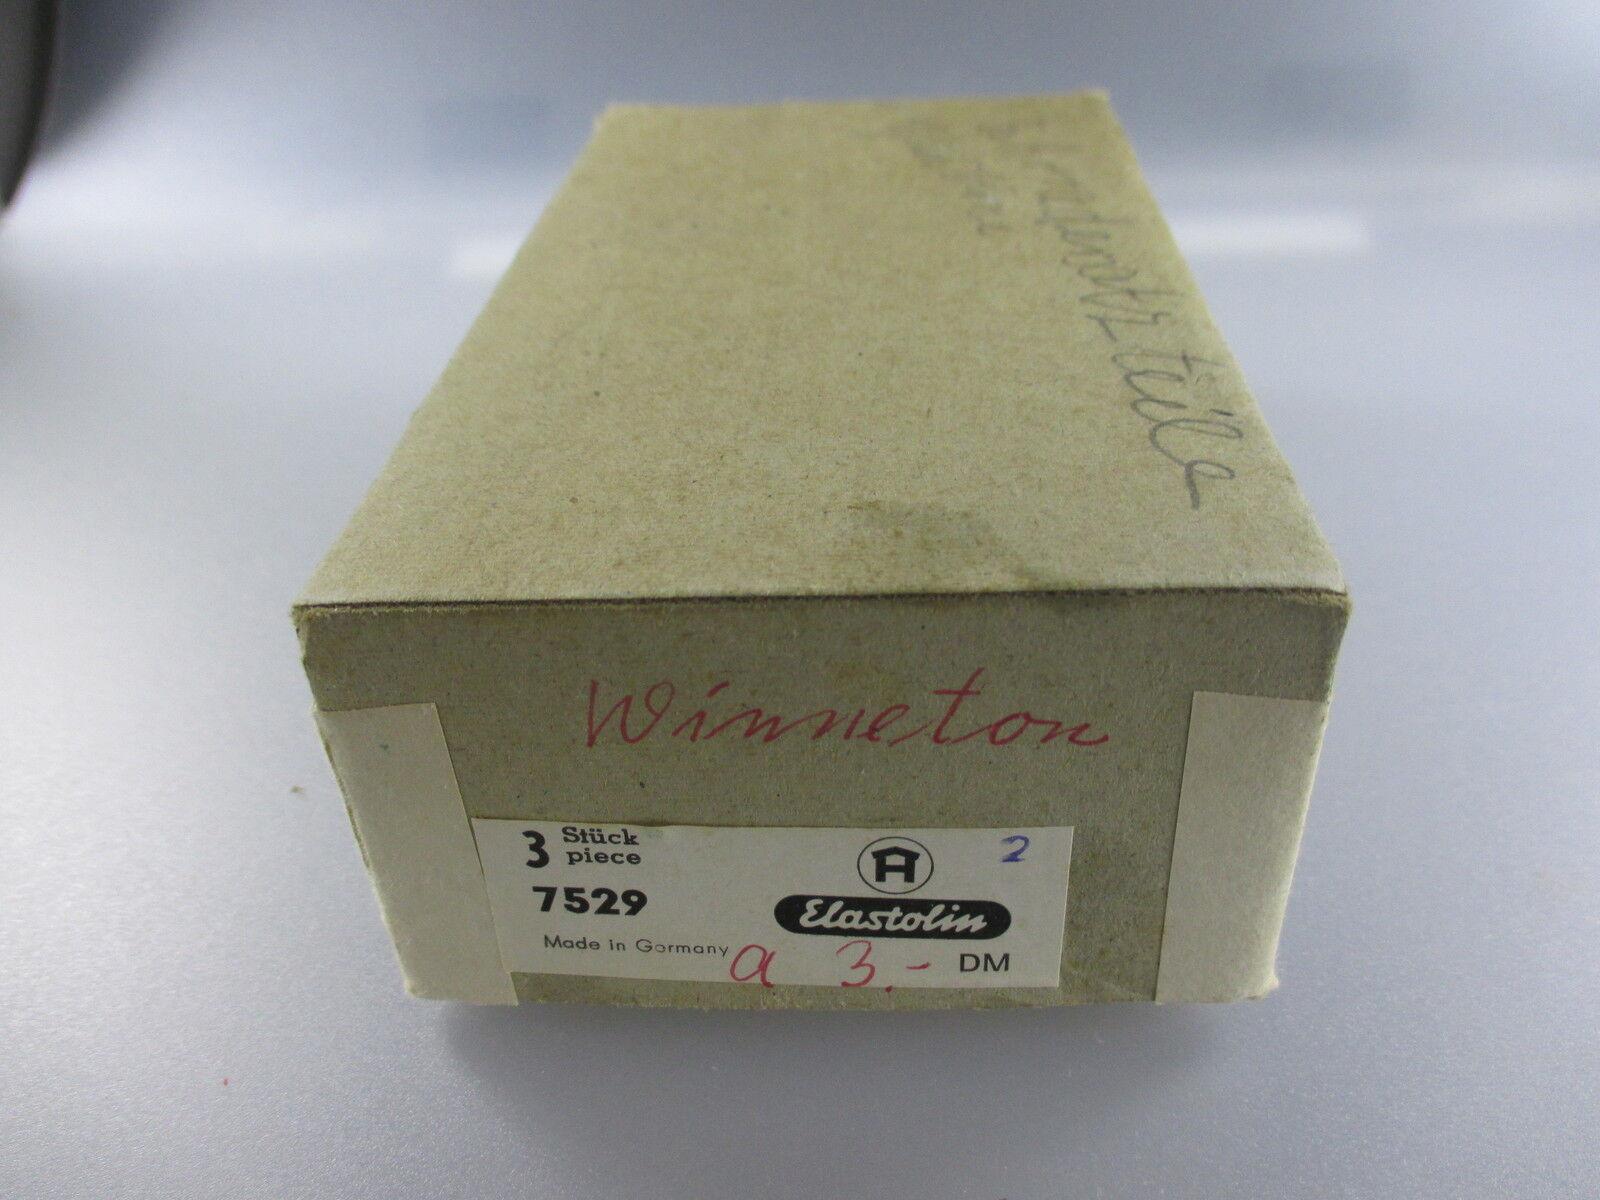 Elastolin Elastolin Elastolin  verkausfkarton (vacío) Nº 7529 (gk89)  salida para la venta